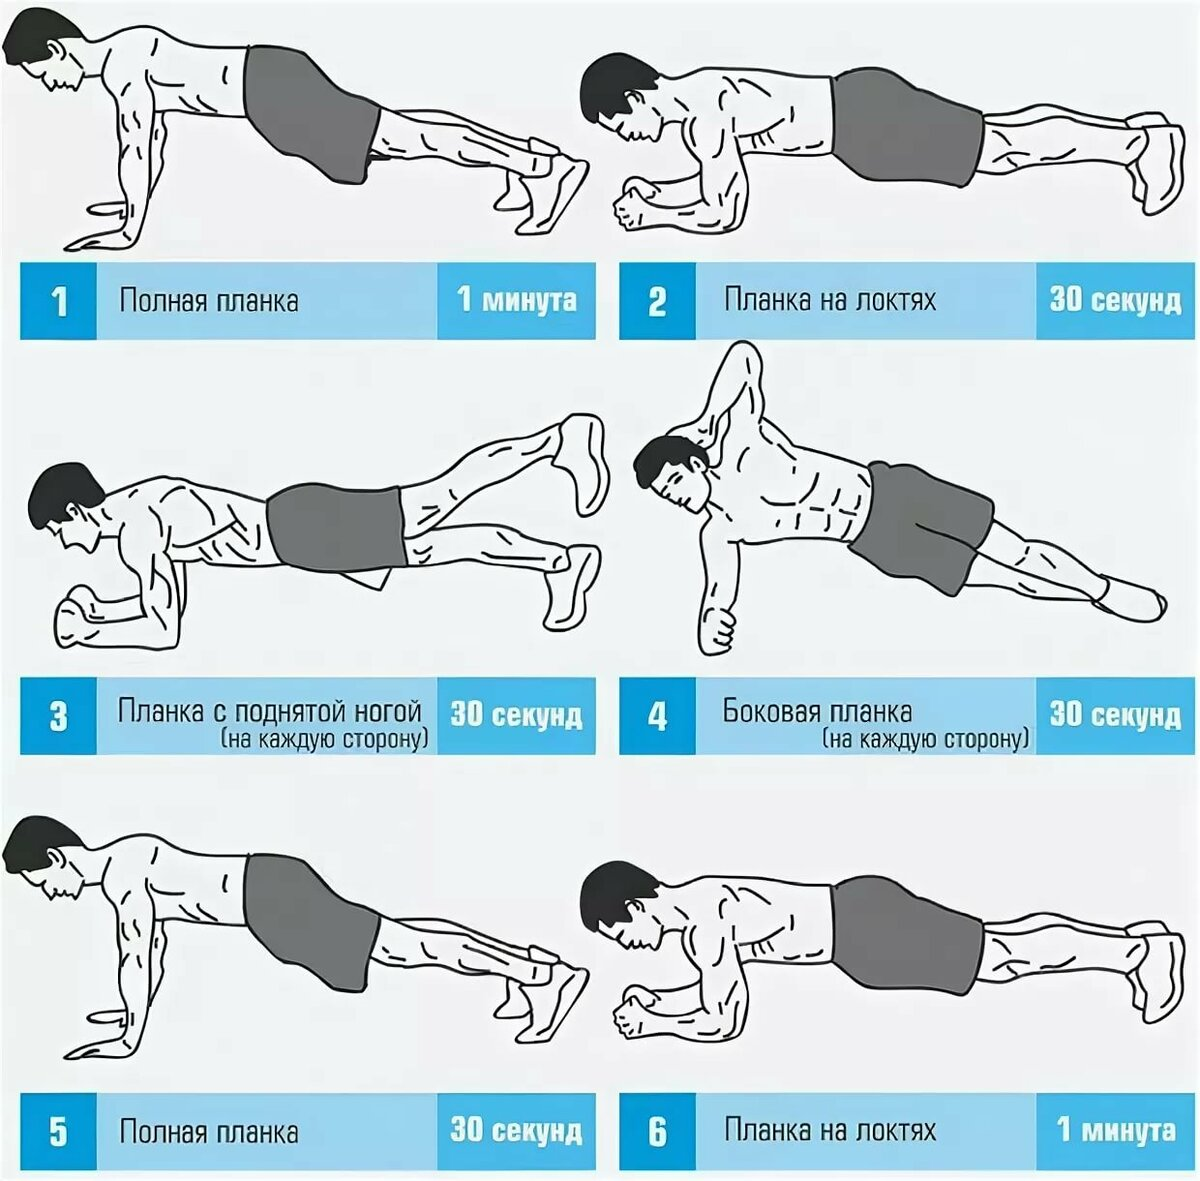 Планка – упражнение для укрепления мышц всего тела